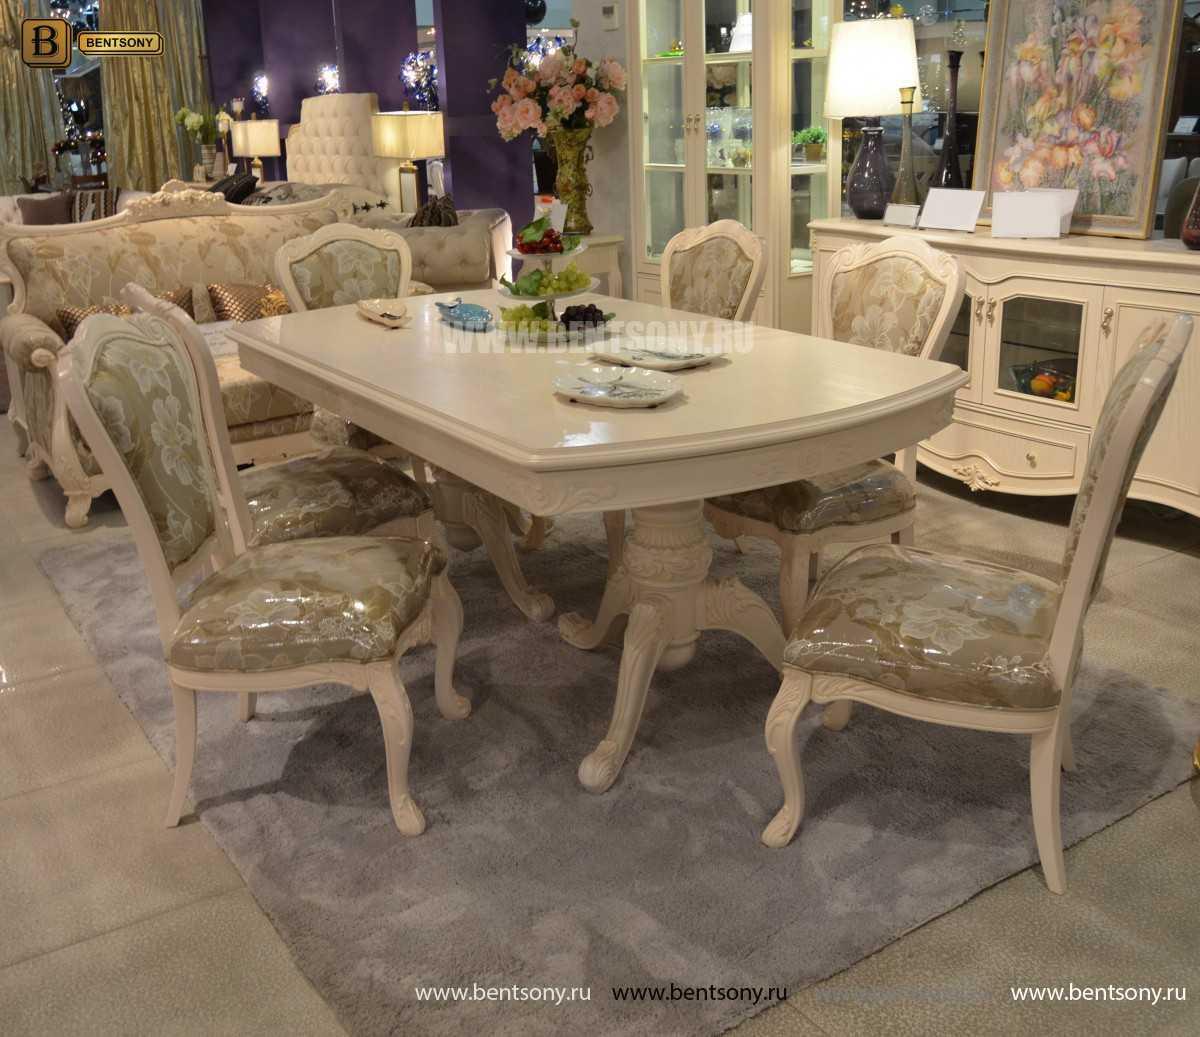 Стол обеденный раздвижной Флетчер-W (Классика, массив дерева) фото